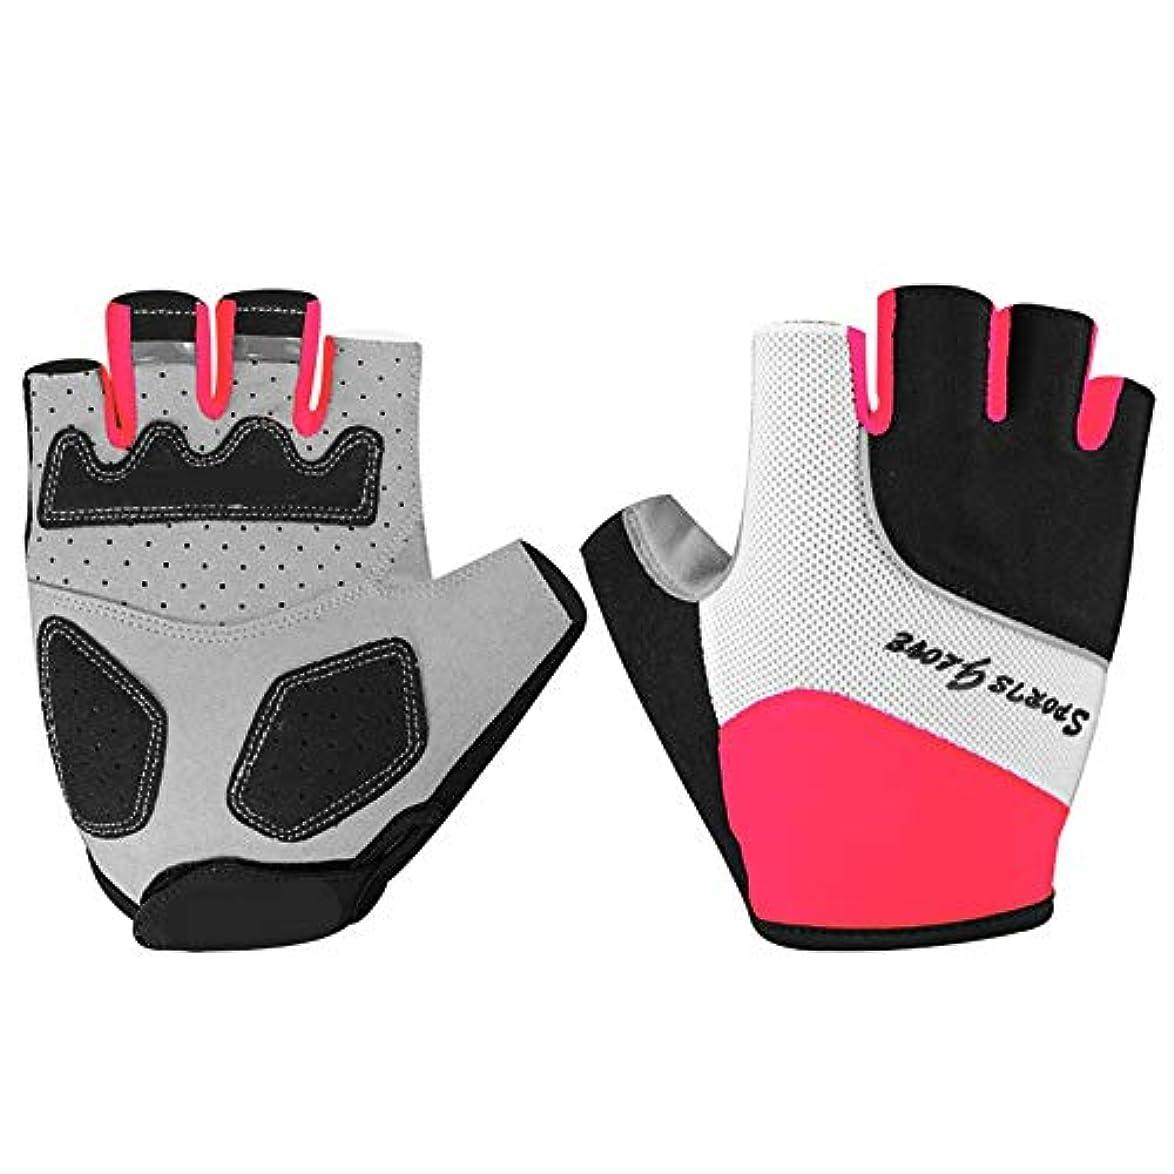 ミネラル請求書ナットユニセックスサイクリンググローブ 男女兼用自転車手袋ハーフフィンガーバイキンググローブアウトドアスポーツグローブ 衝撃吸収性と耐摩耗性 (色 : Pink, Size : M)